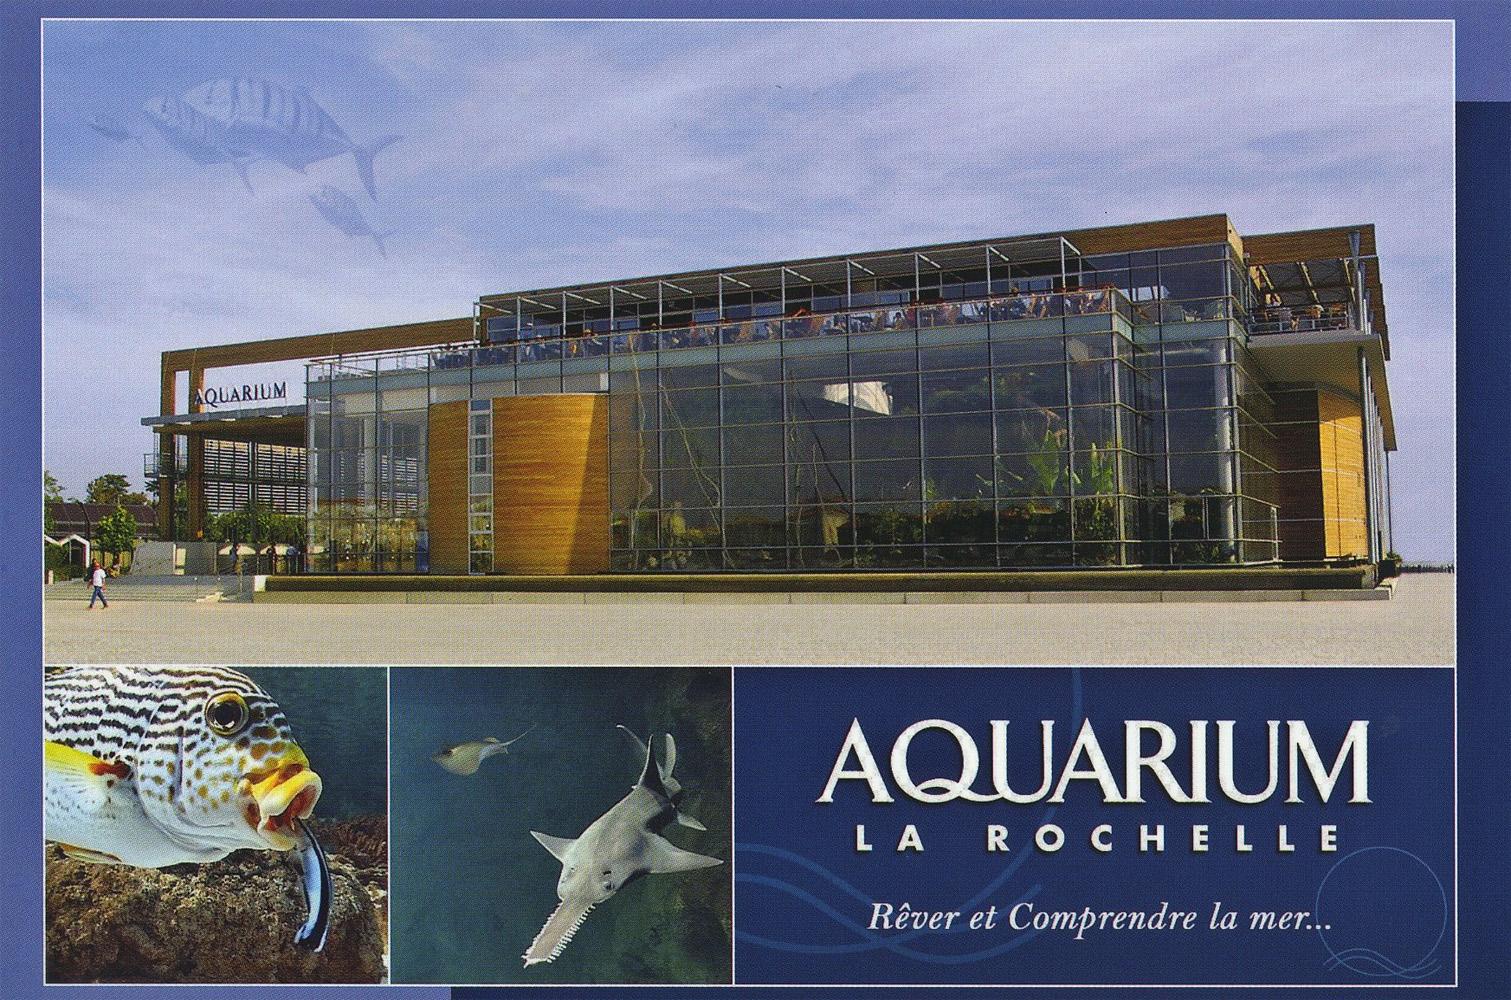 Les Zoos dans le Monde - Aquarium de La Rochelle